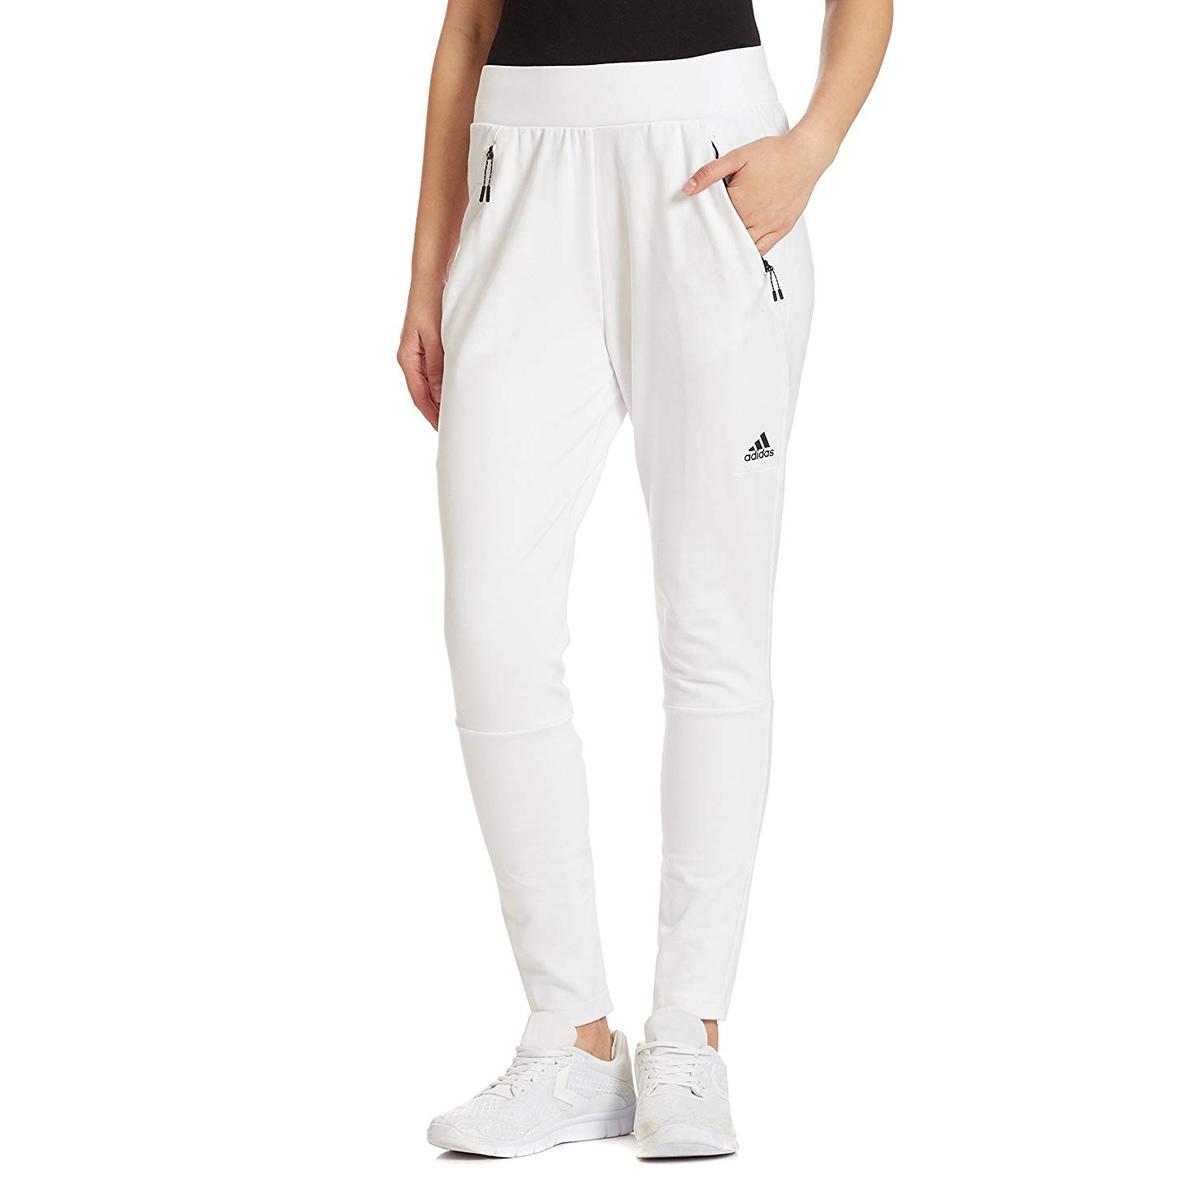 Da Pantalone Adidas Prezzi Partire 44 Offerte Donna A YwzqUS